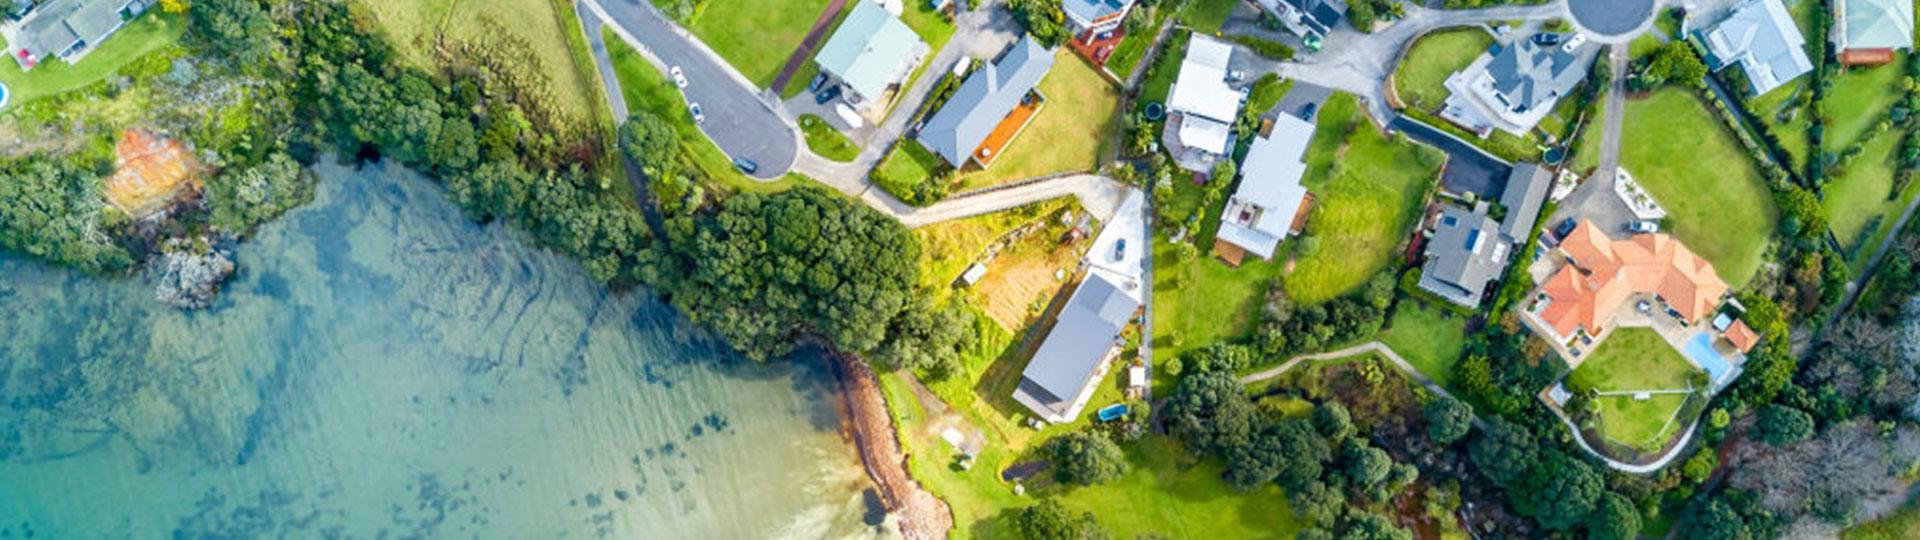 Estate Planning Perth